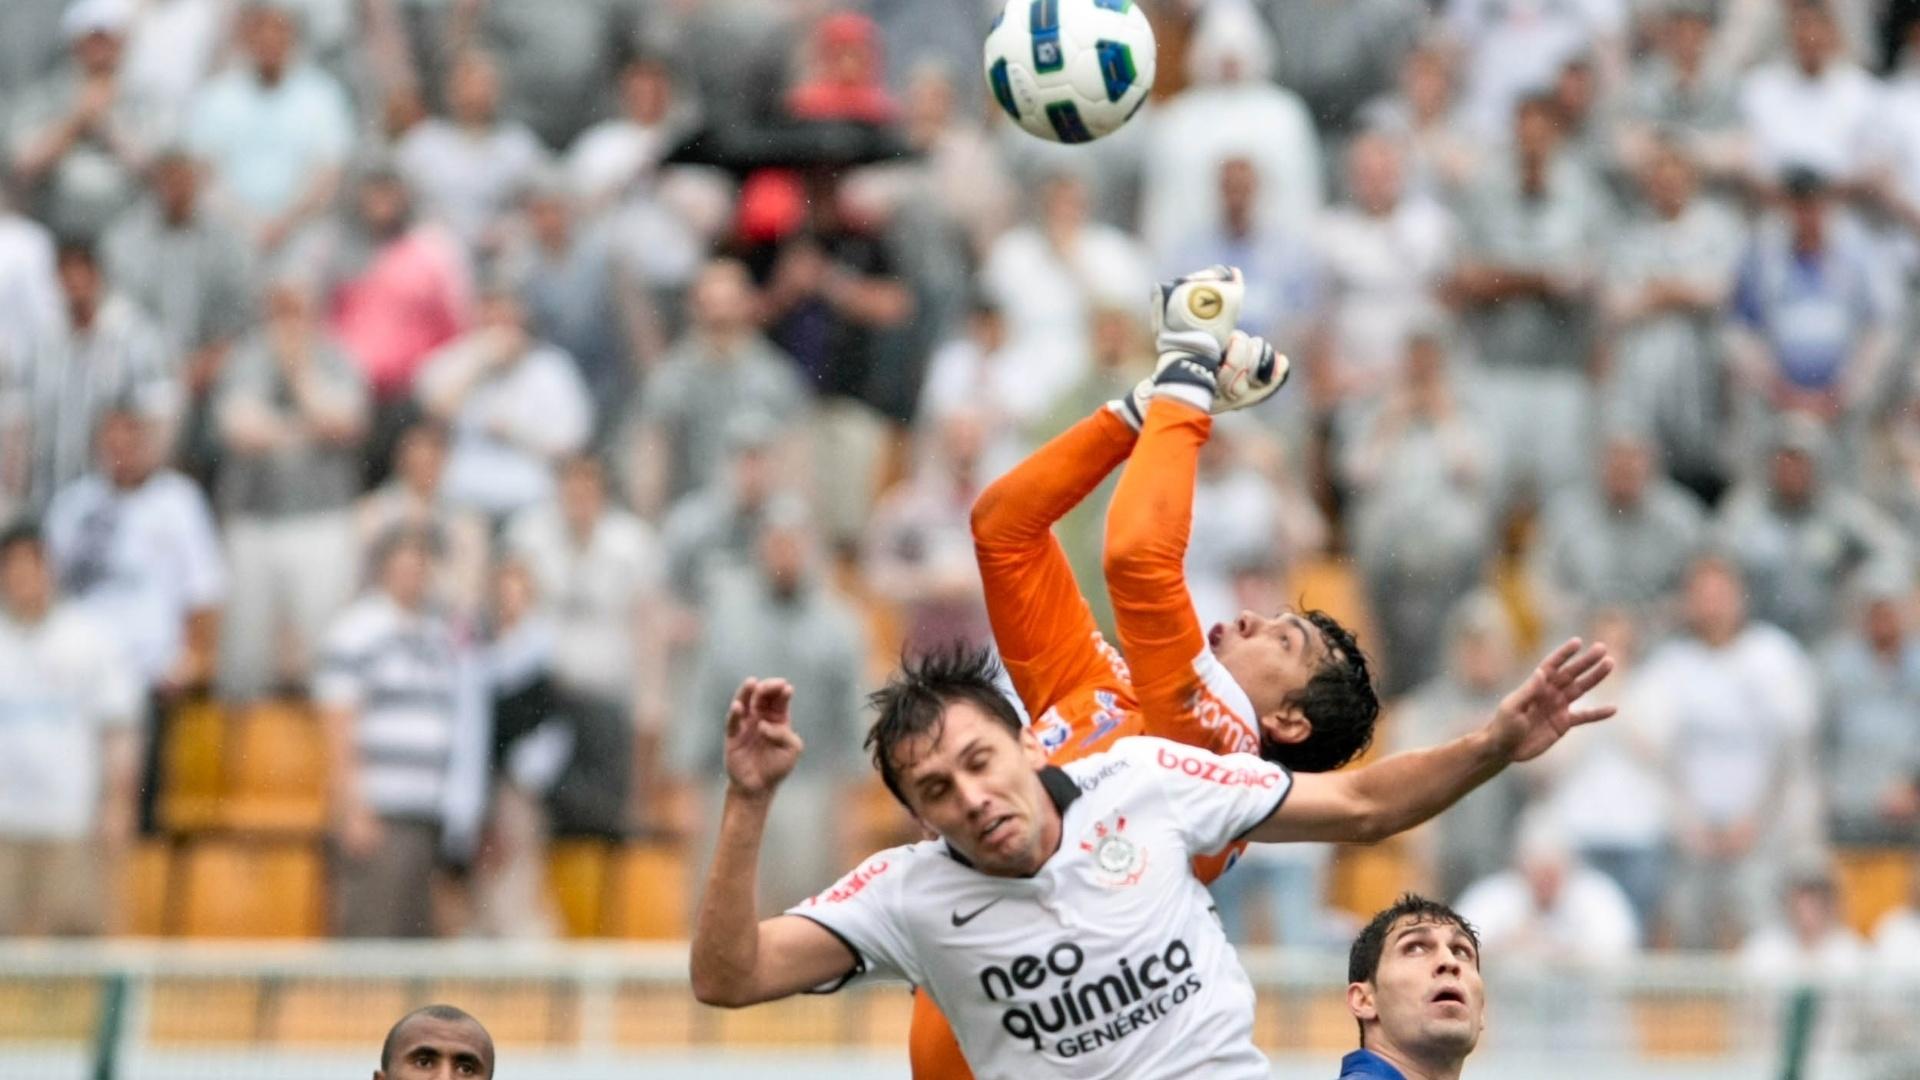 O goleiro Felipe, revelado no Santos, foi flagrado usando substância hidrocloratiazida, proibida pela Fifa. Ele foi absolvido, mas perdeu o mundial sub-20 em 2007